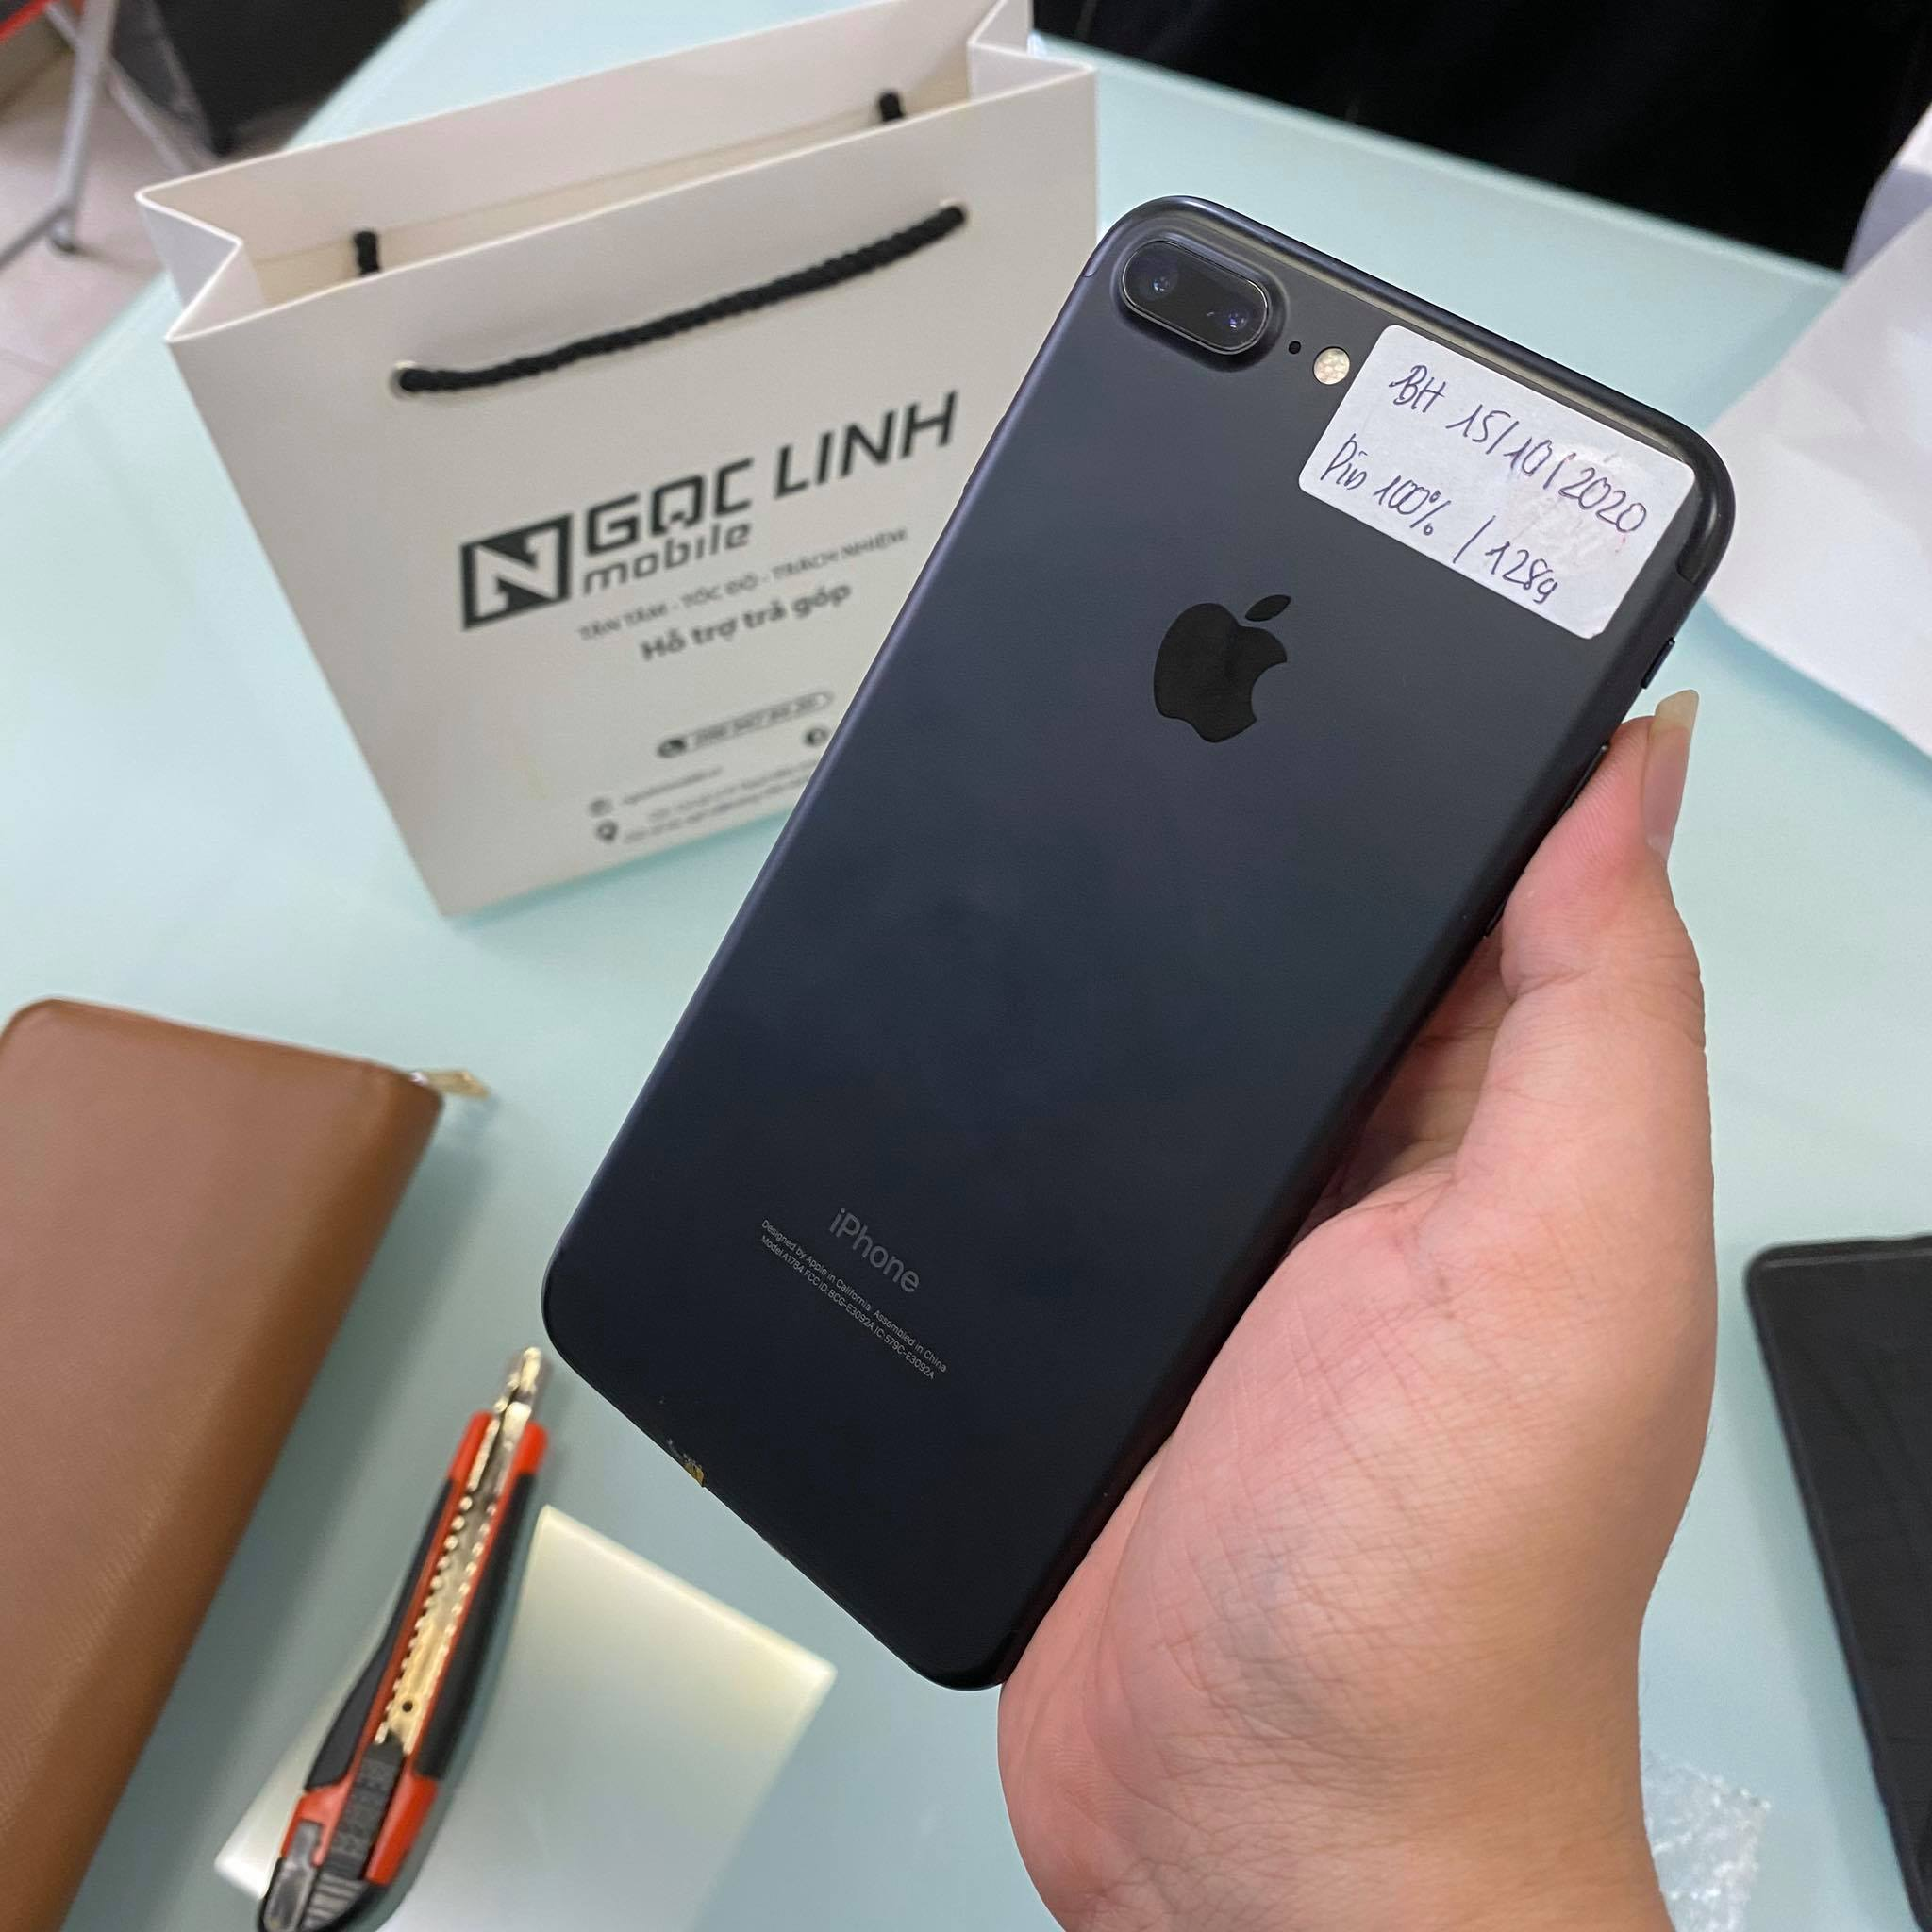 iPhone 8 Plus - iPhone 6s, iPhone 7 Plus, iPhone 8 Plus - những chiếc iPhone quốc dân